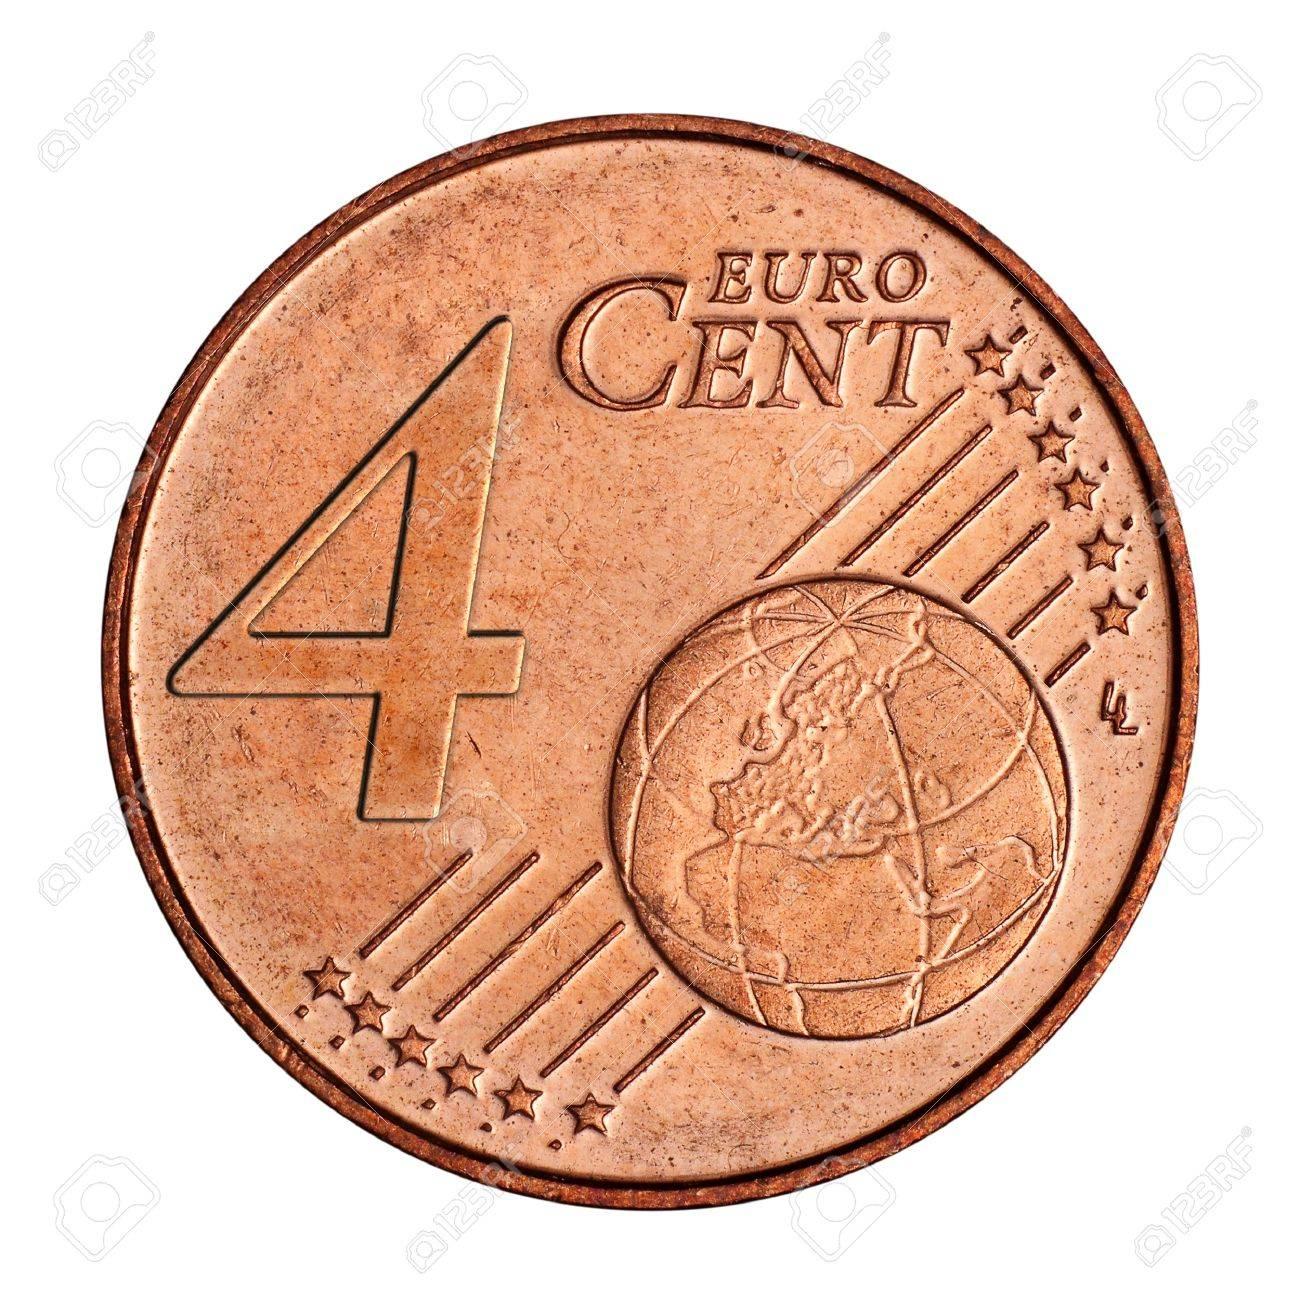 Eine Collage Von 4 Euro Cent Münze Lizenzfreie Fotos Bilder Und